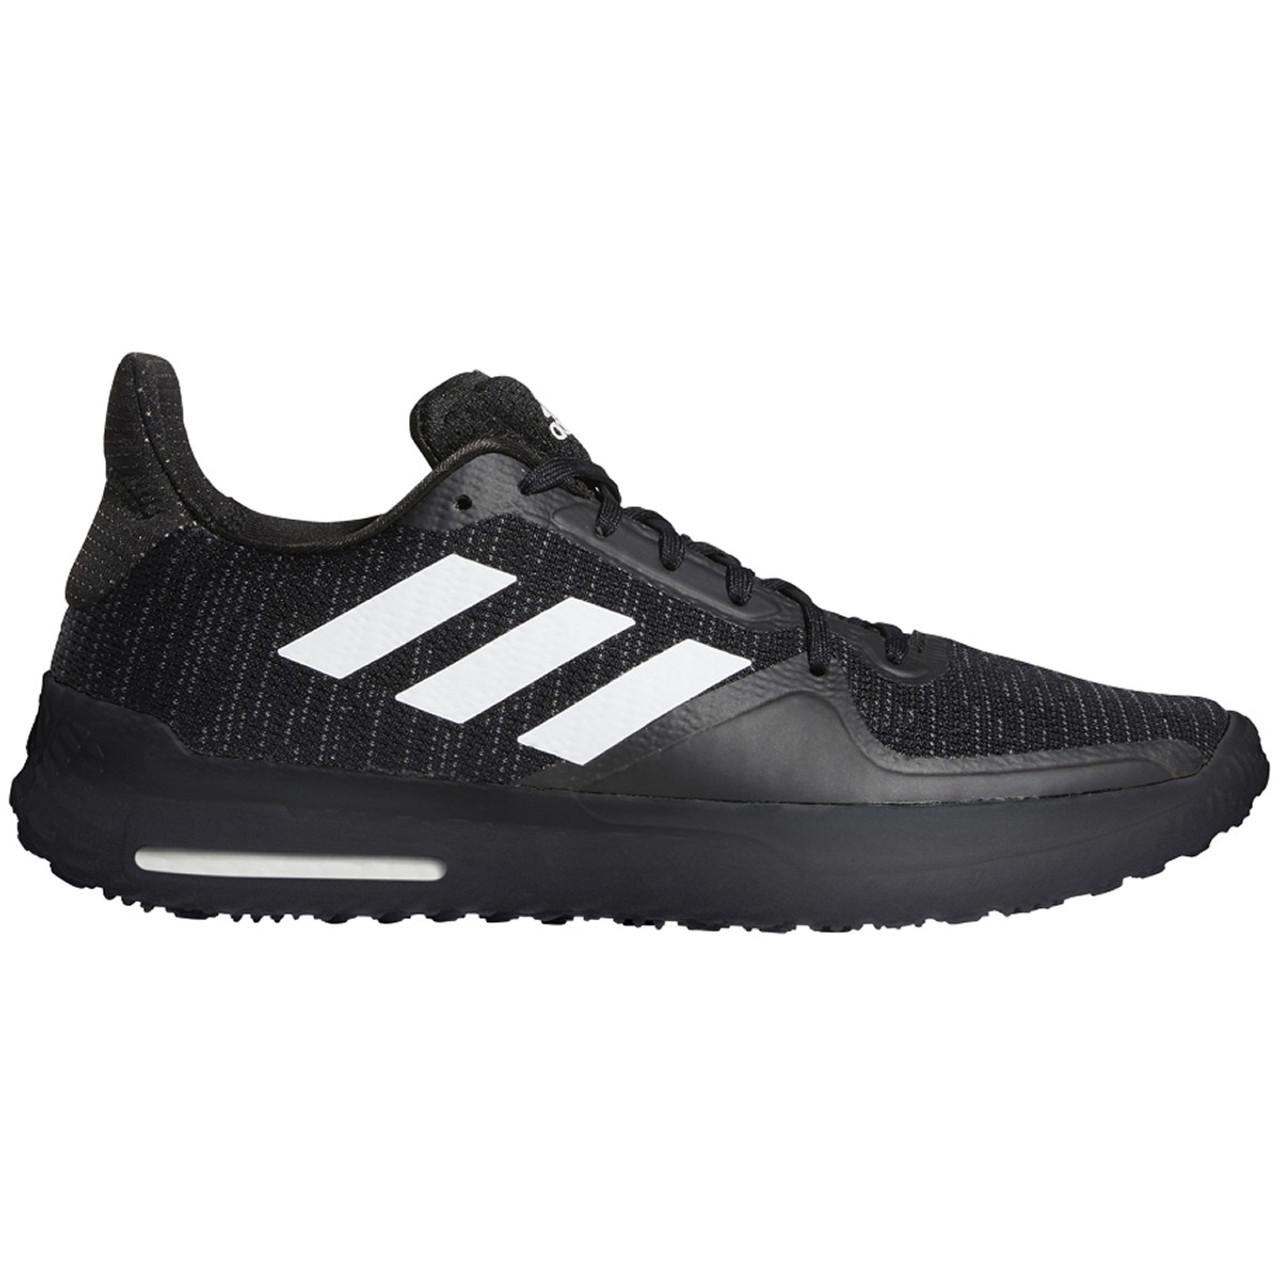 adidas FitBoost PR Men's Trainer Running Sneakers EE4581 - Black, White, Grey